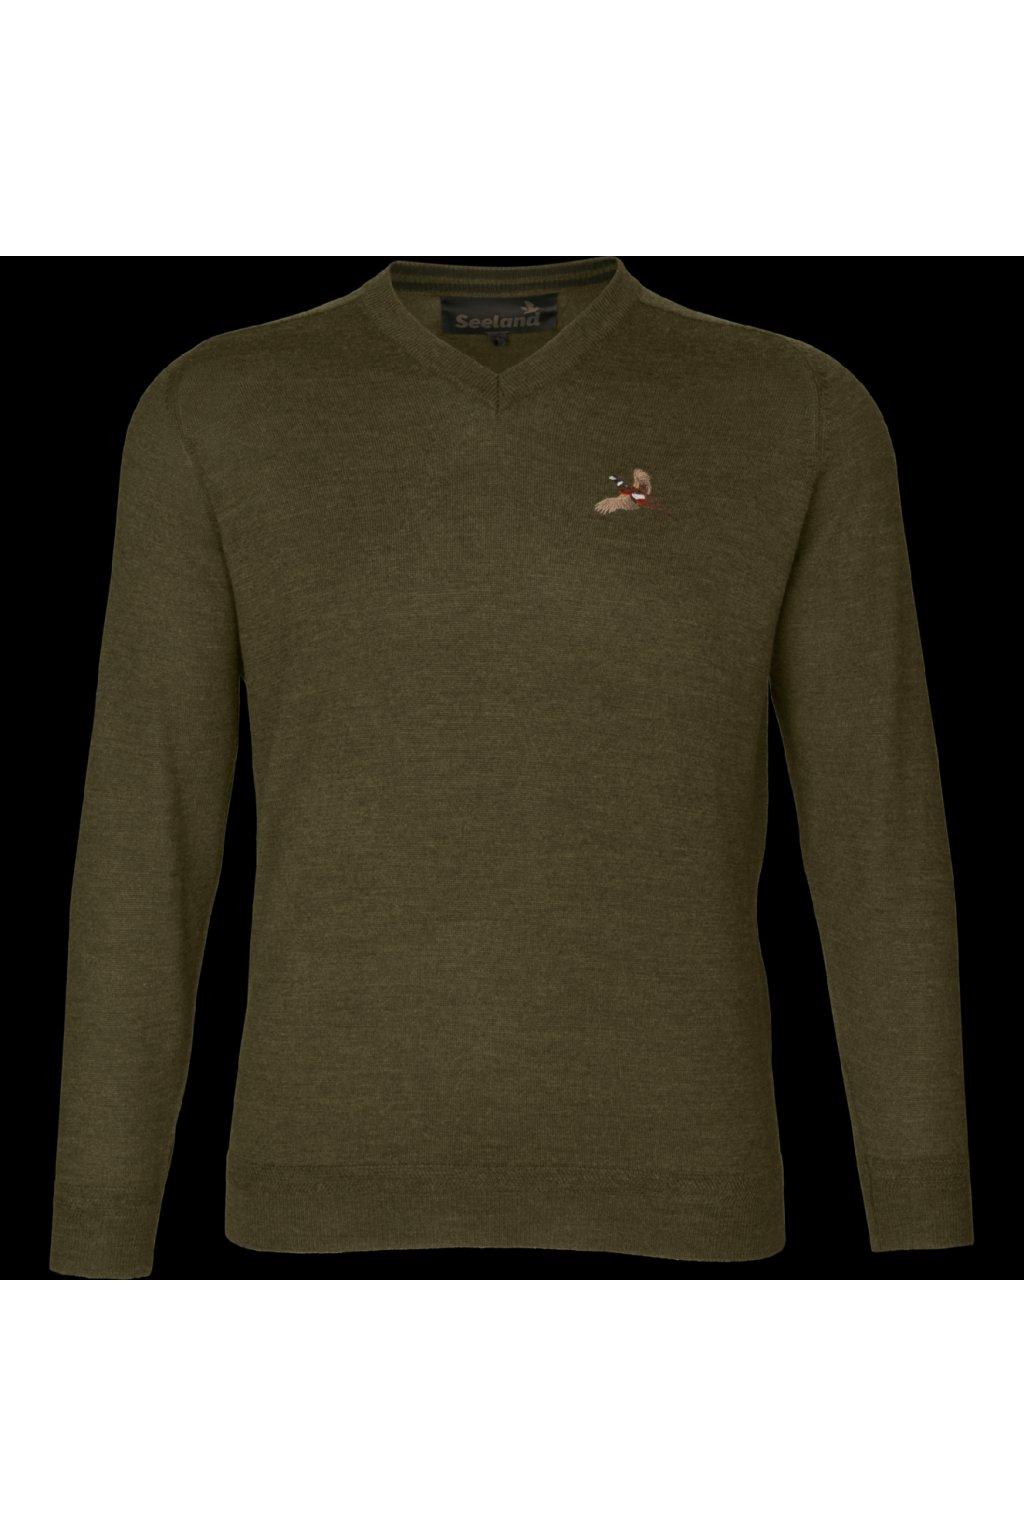 Seeland - Noble svetr s bažantem